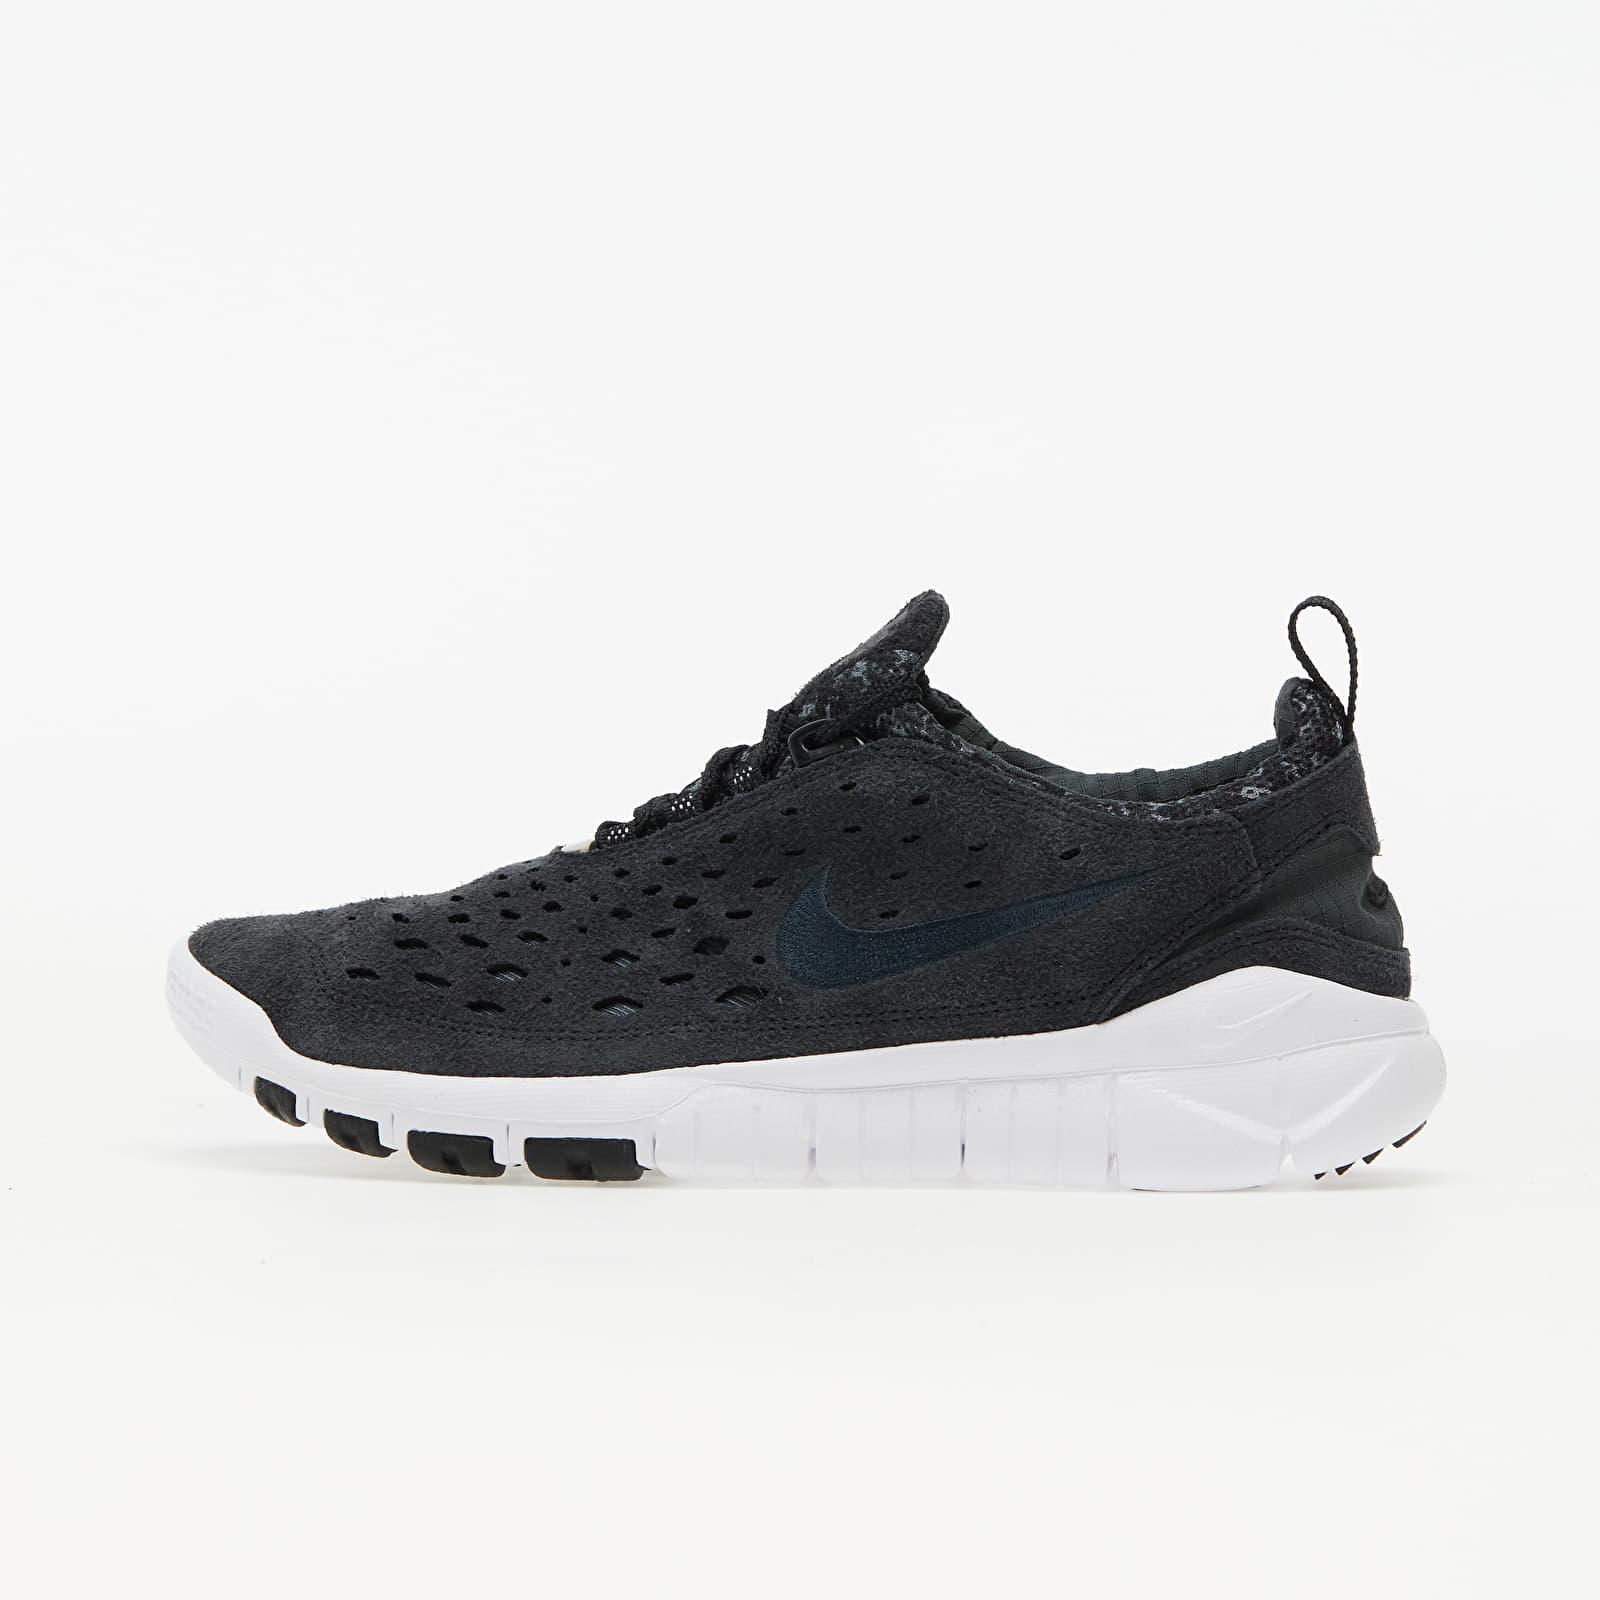 Nike Free Run Trail Black/ Anthracite-White EUR 47